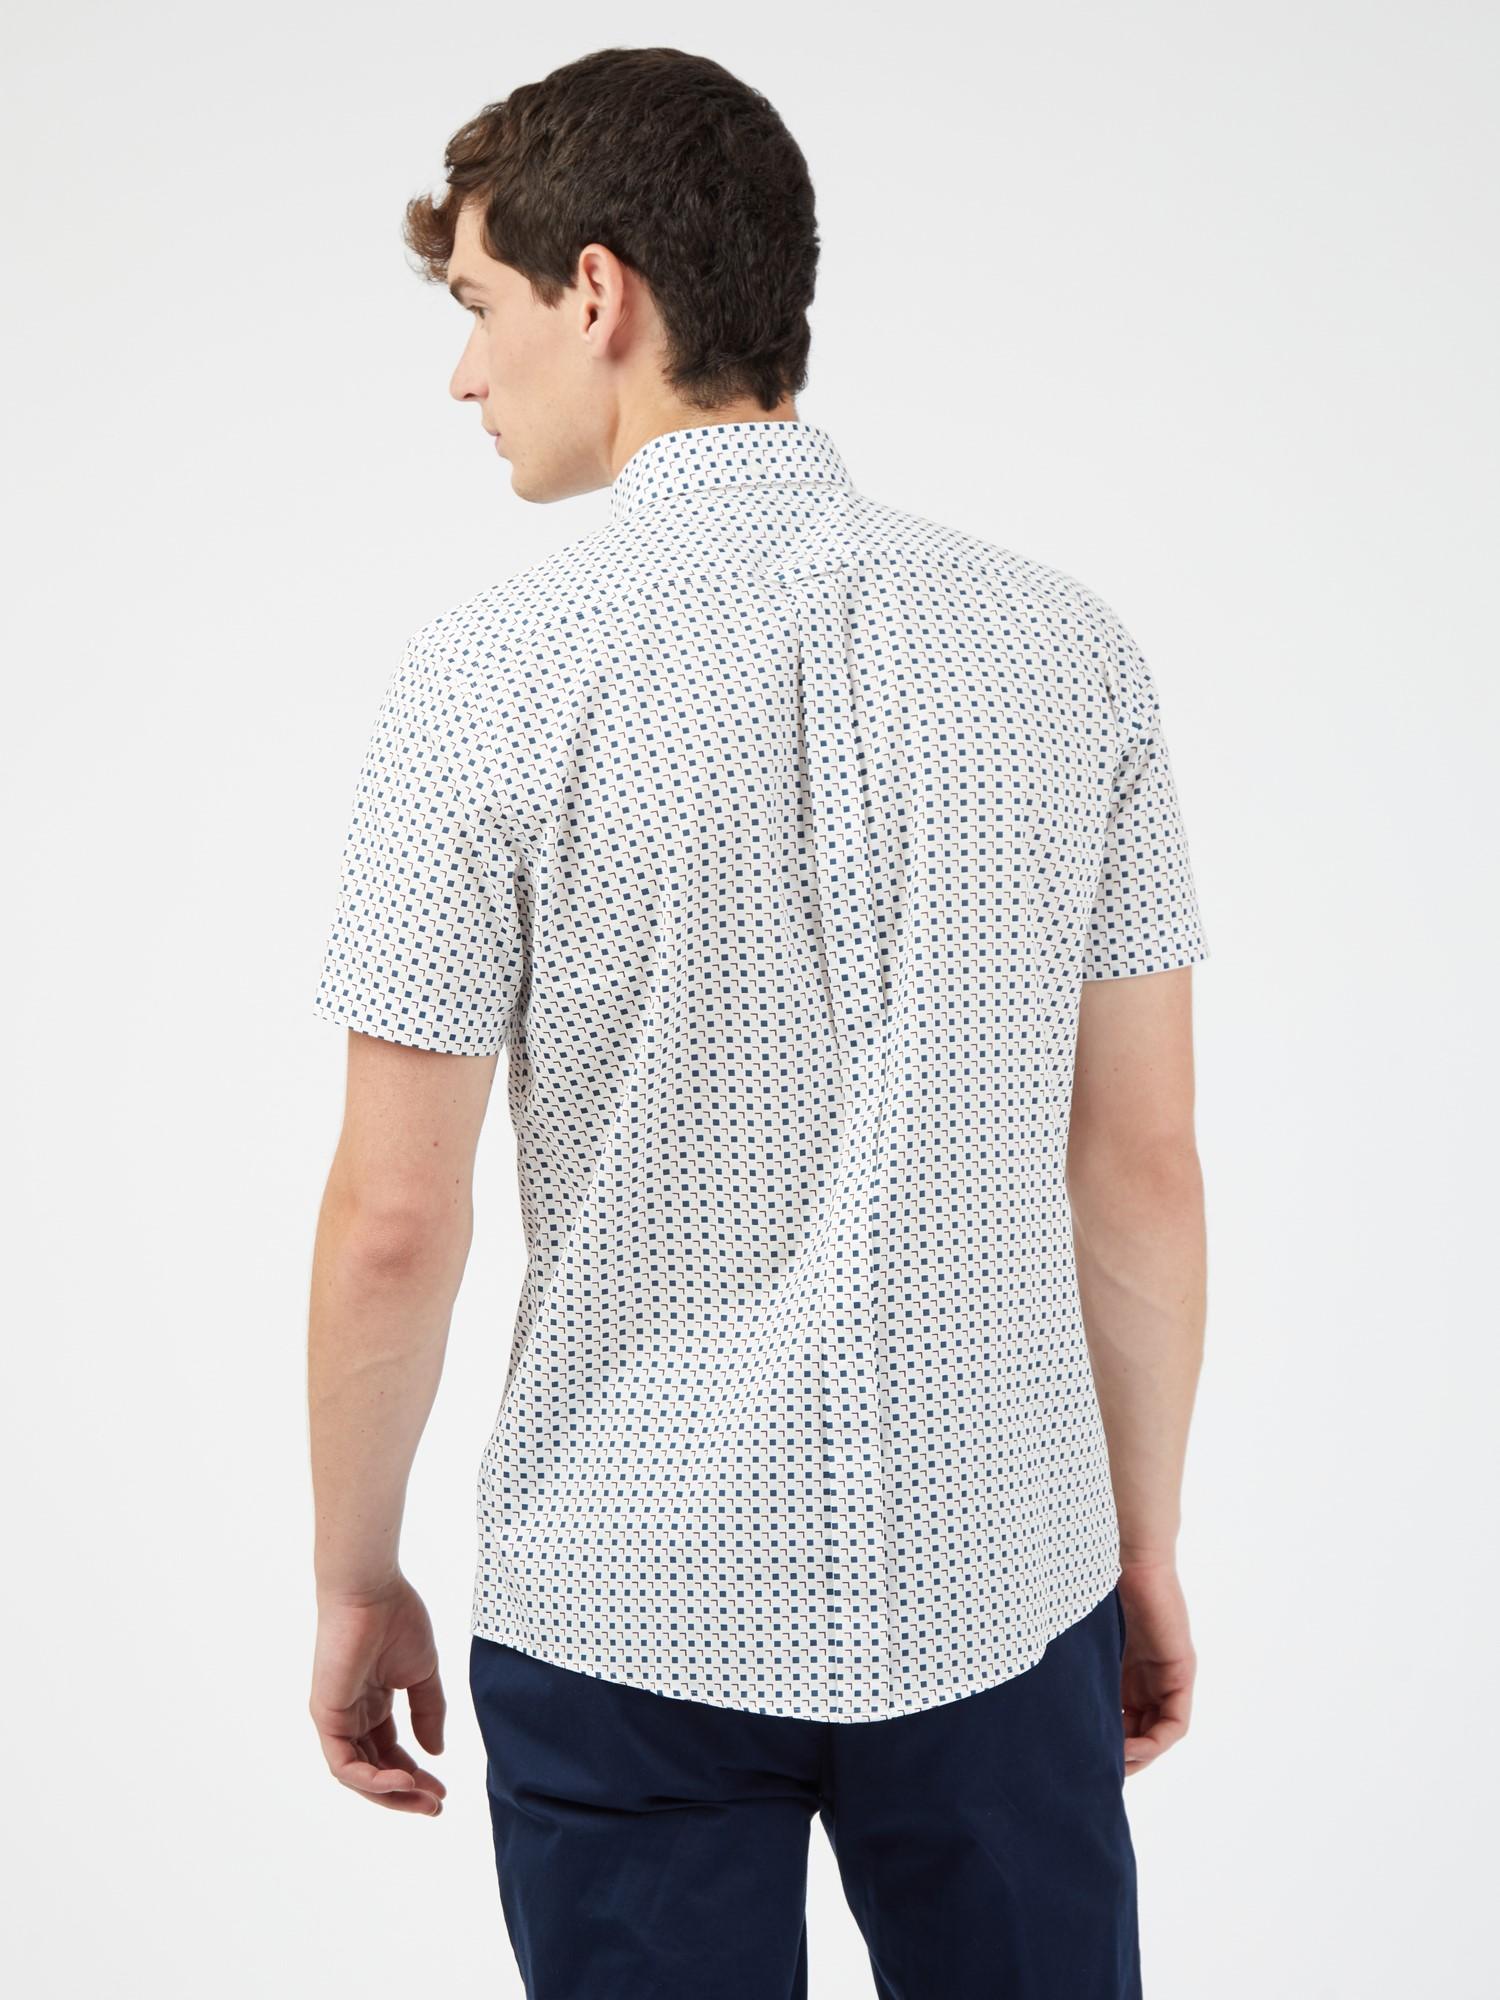 White Short Sleeved Scatter Square Print Shirt